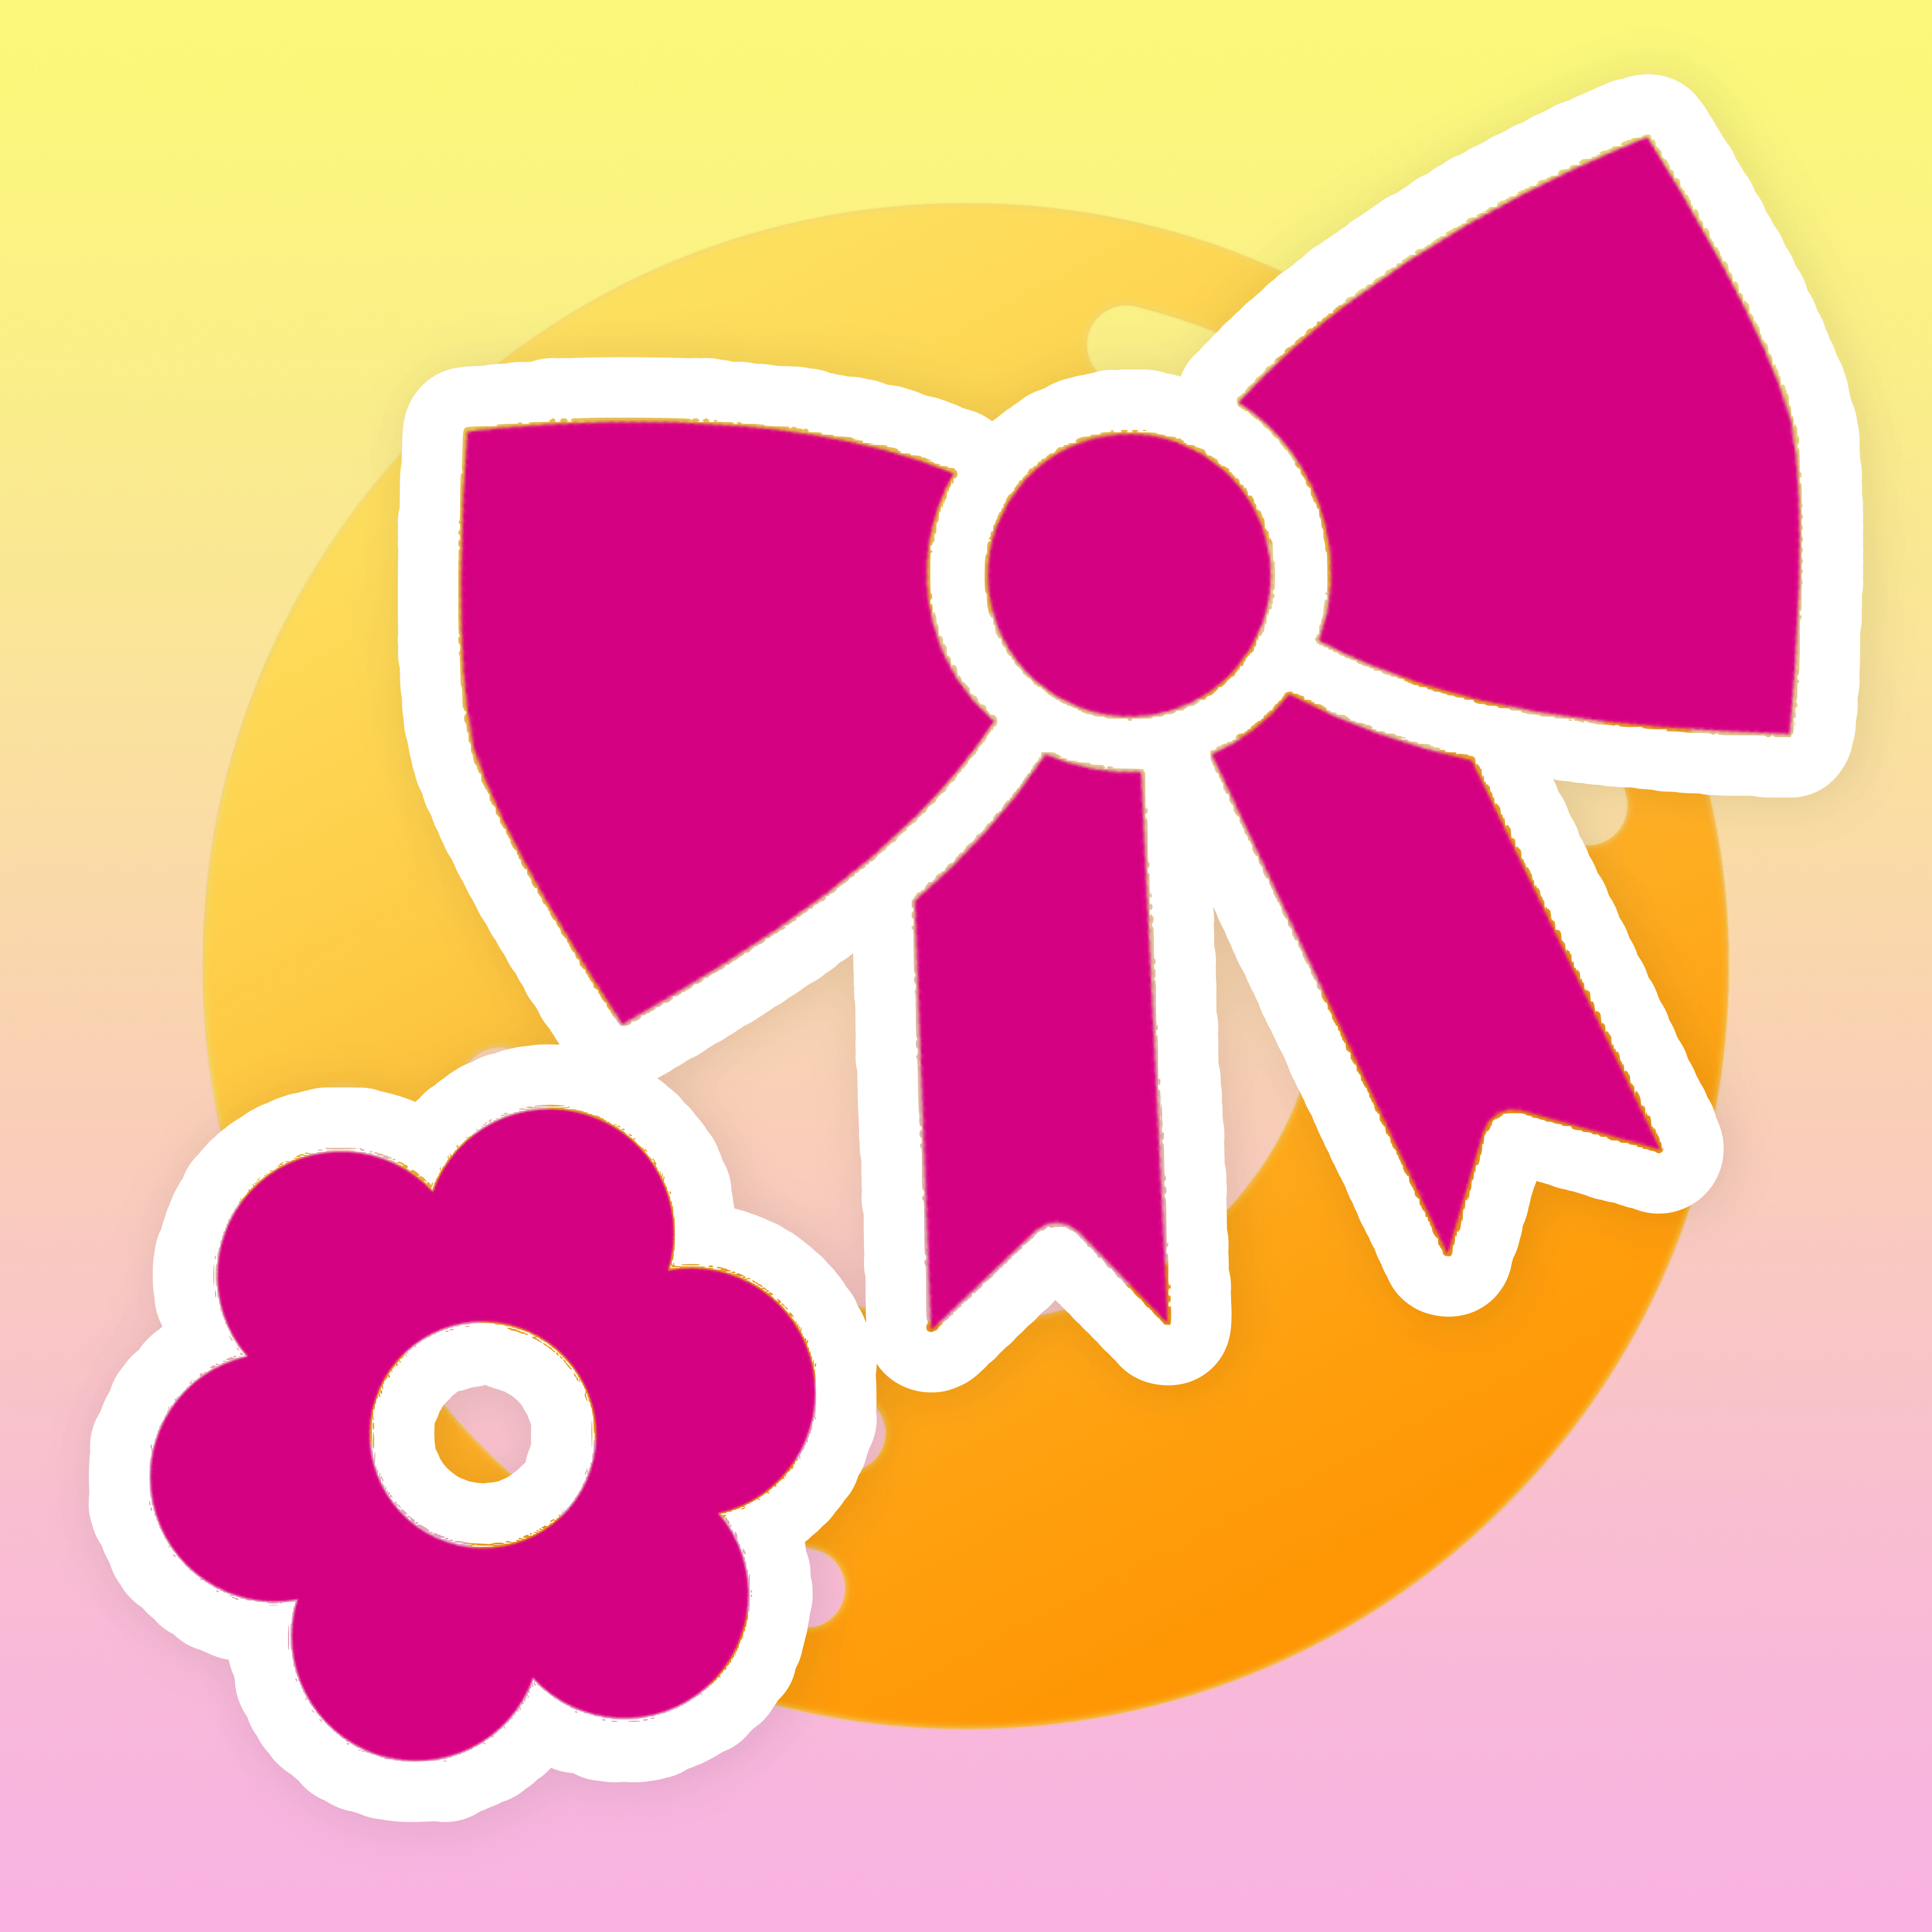 ZPY avatar